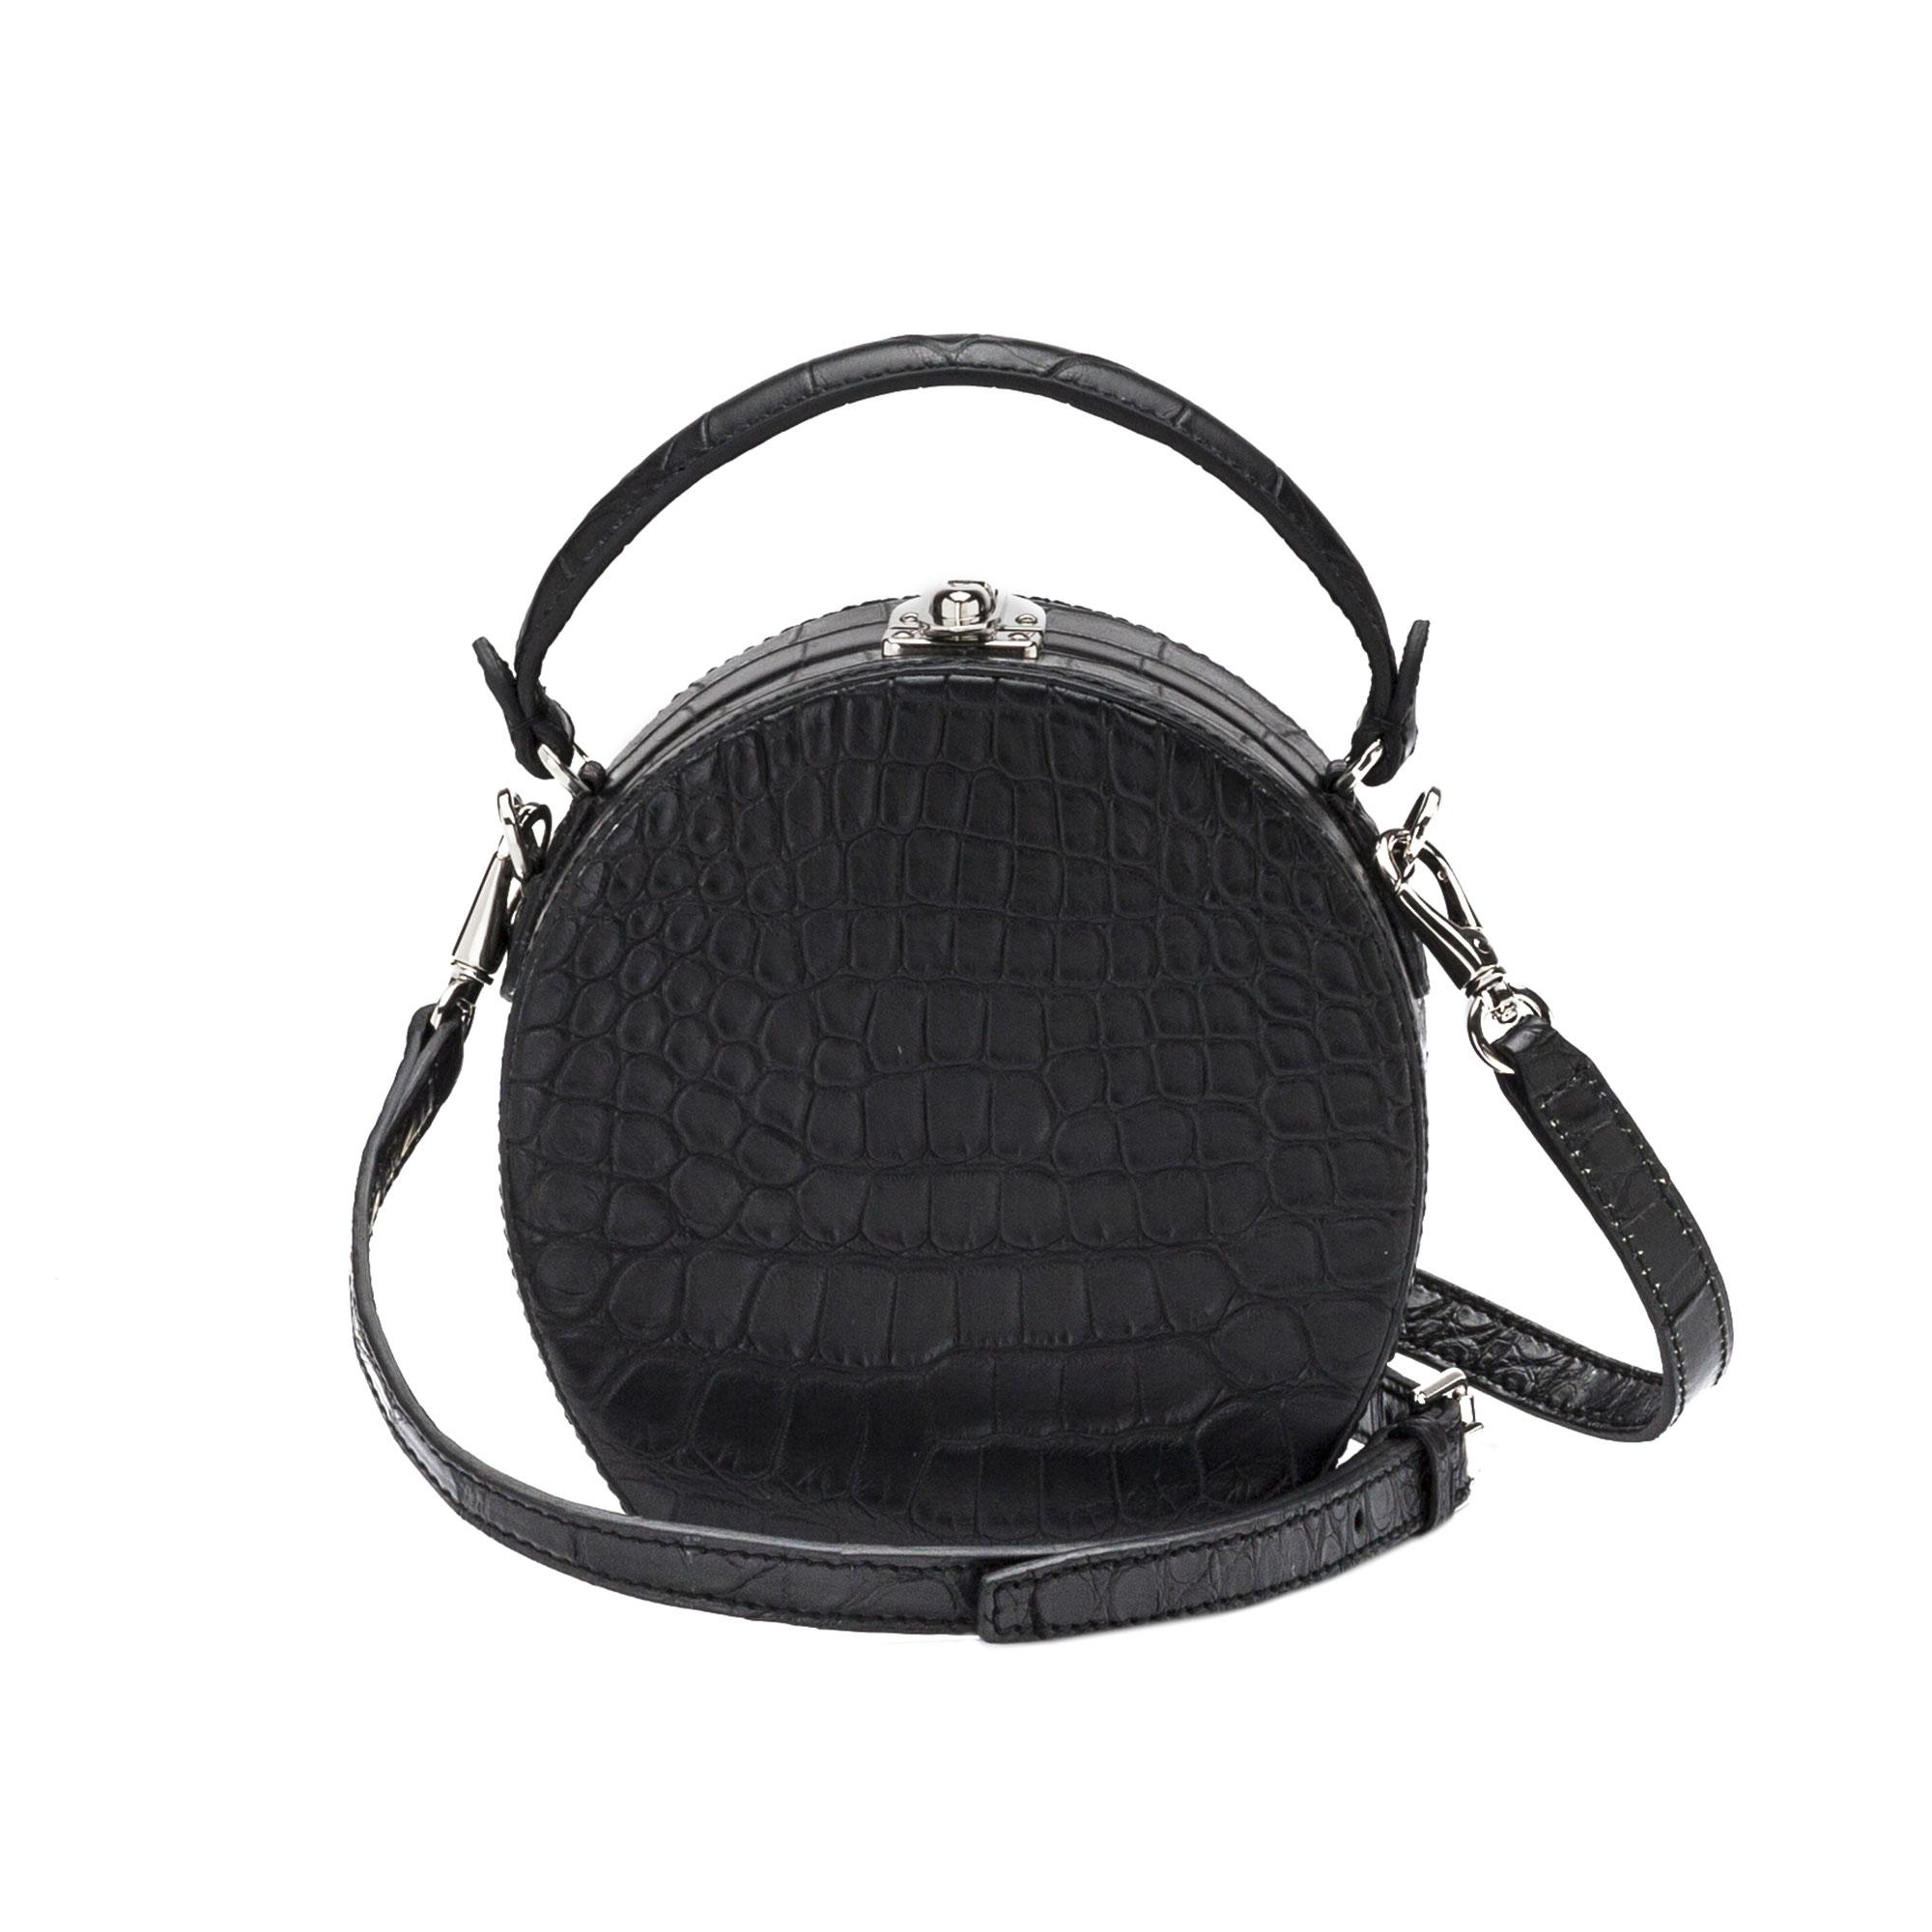 The black alligator Mini Bertoncina bag by Bertoni 1949 03